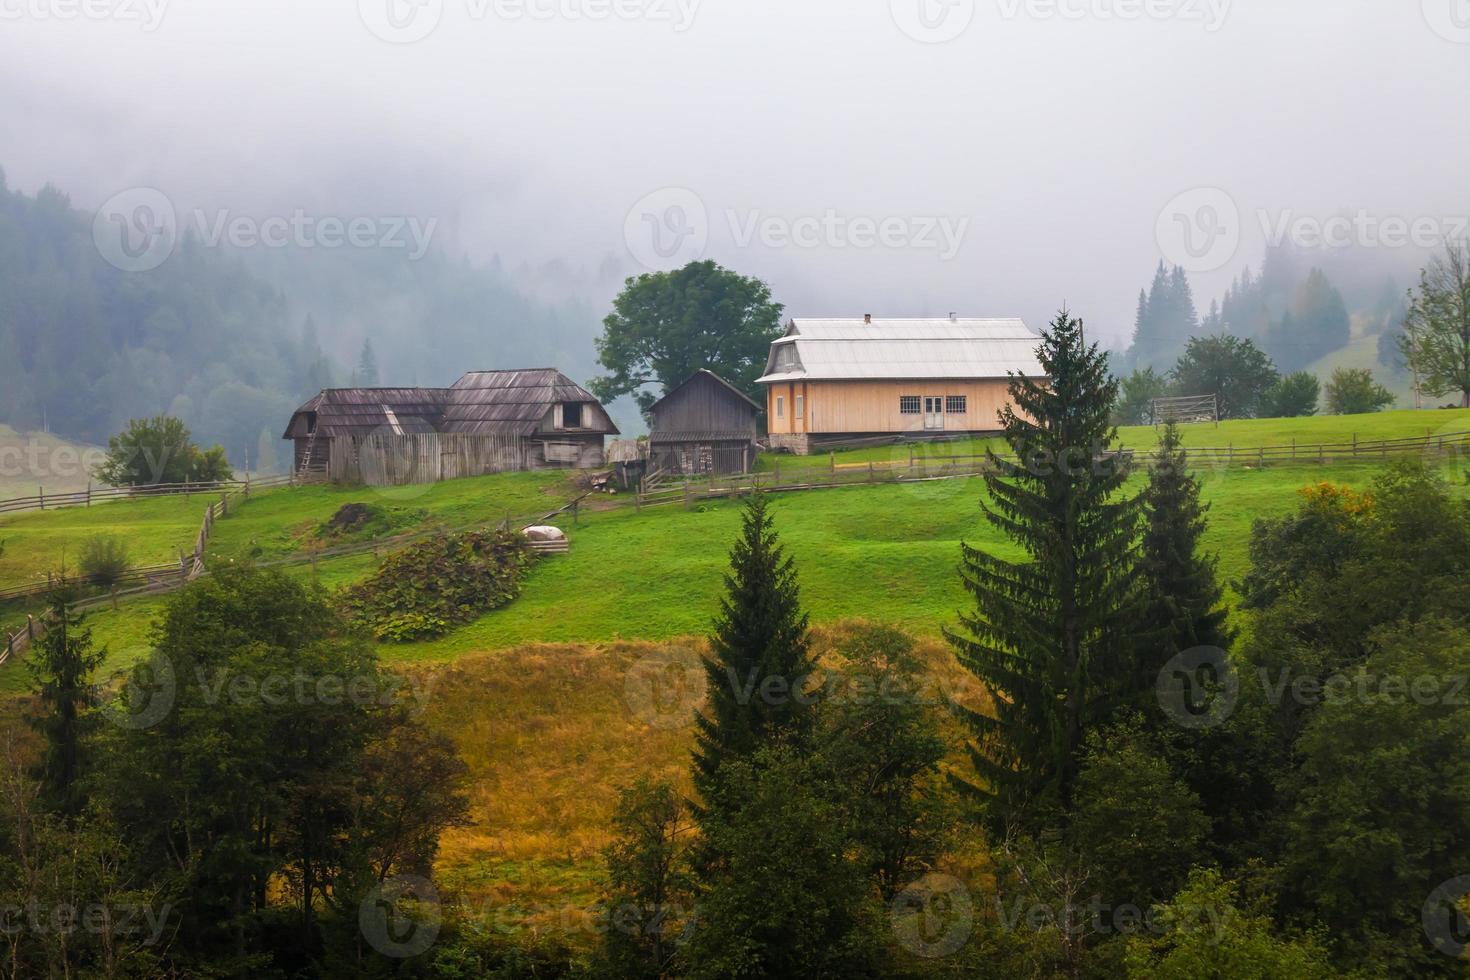 belle maison en bois sur une colline verdoyante photo